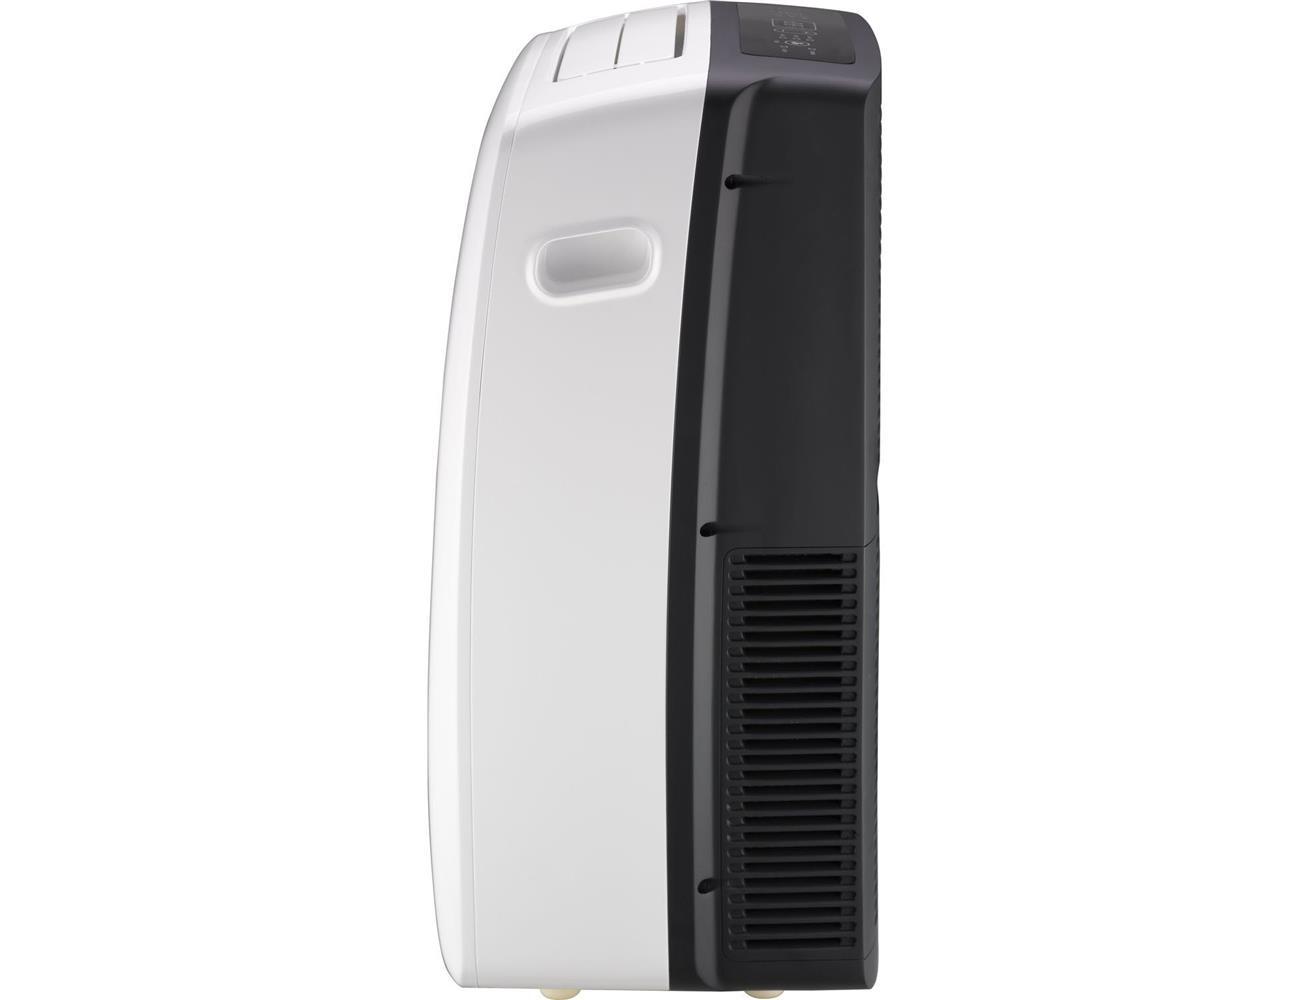 Hisense 12 000 Btu Portable Air Conditioner Blink Kuwait